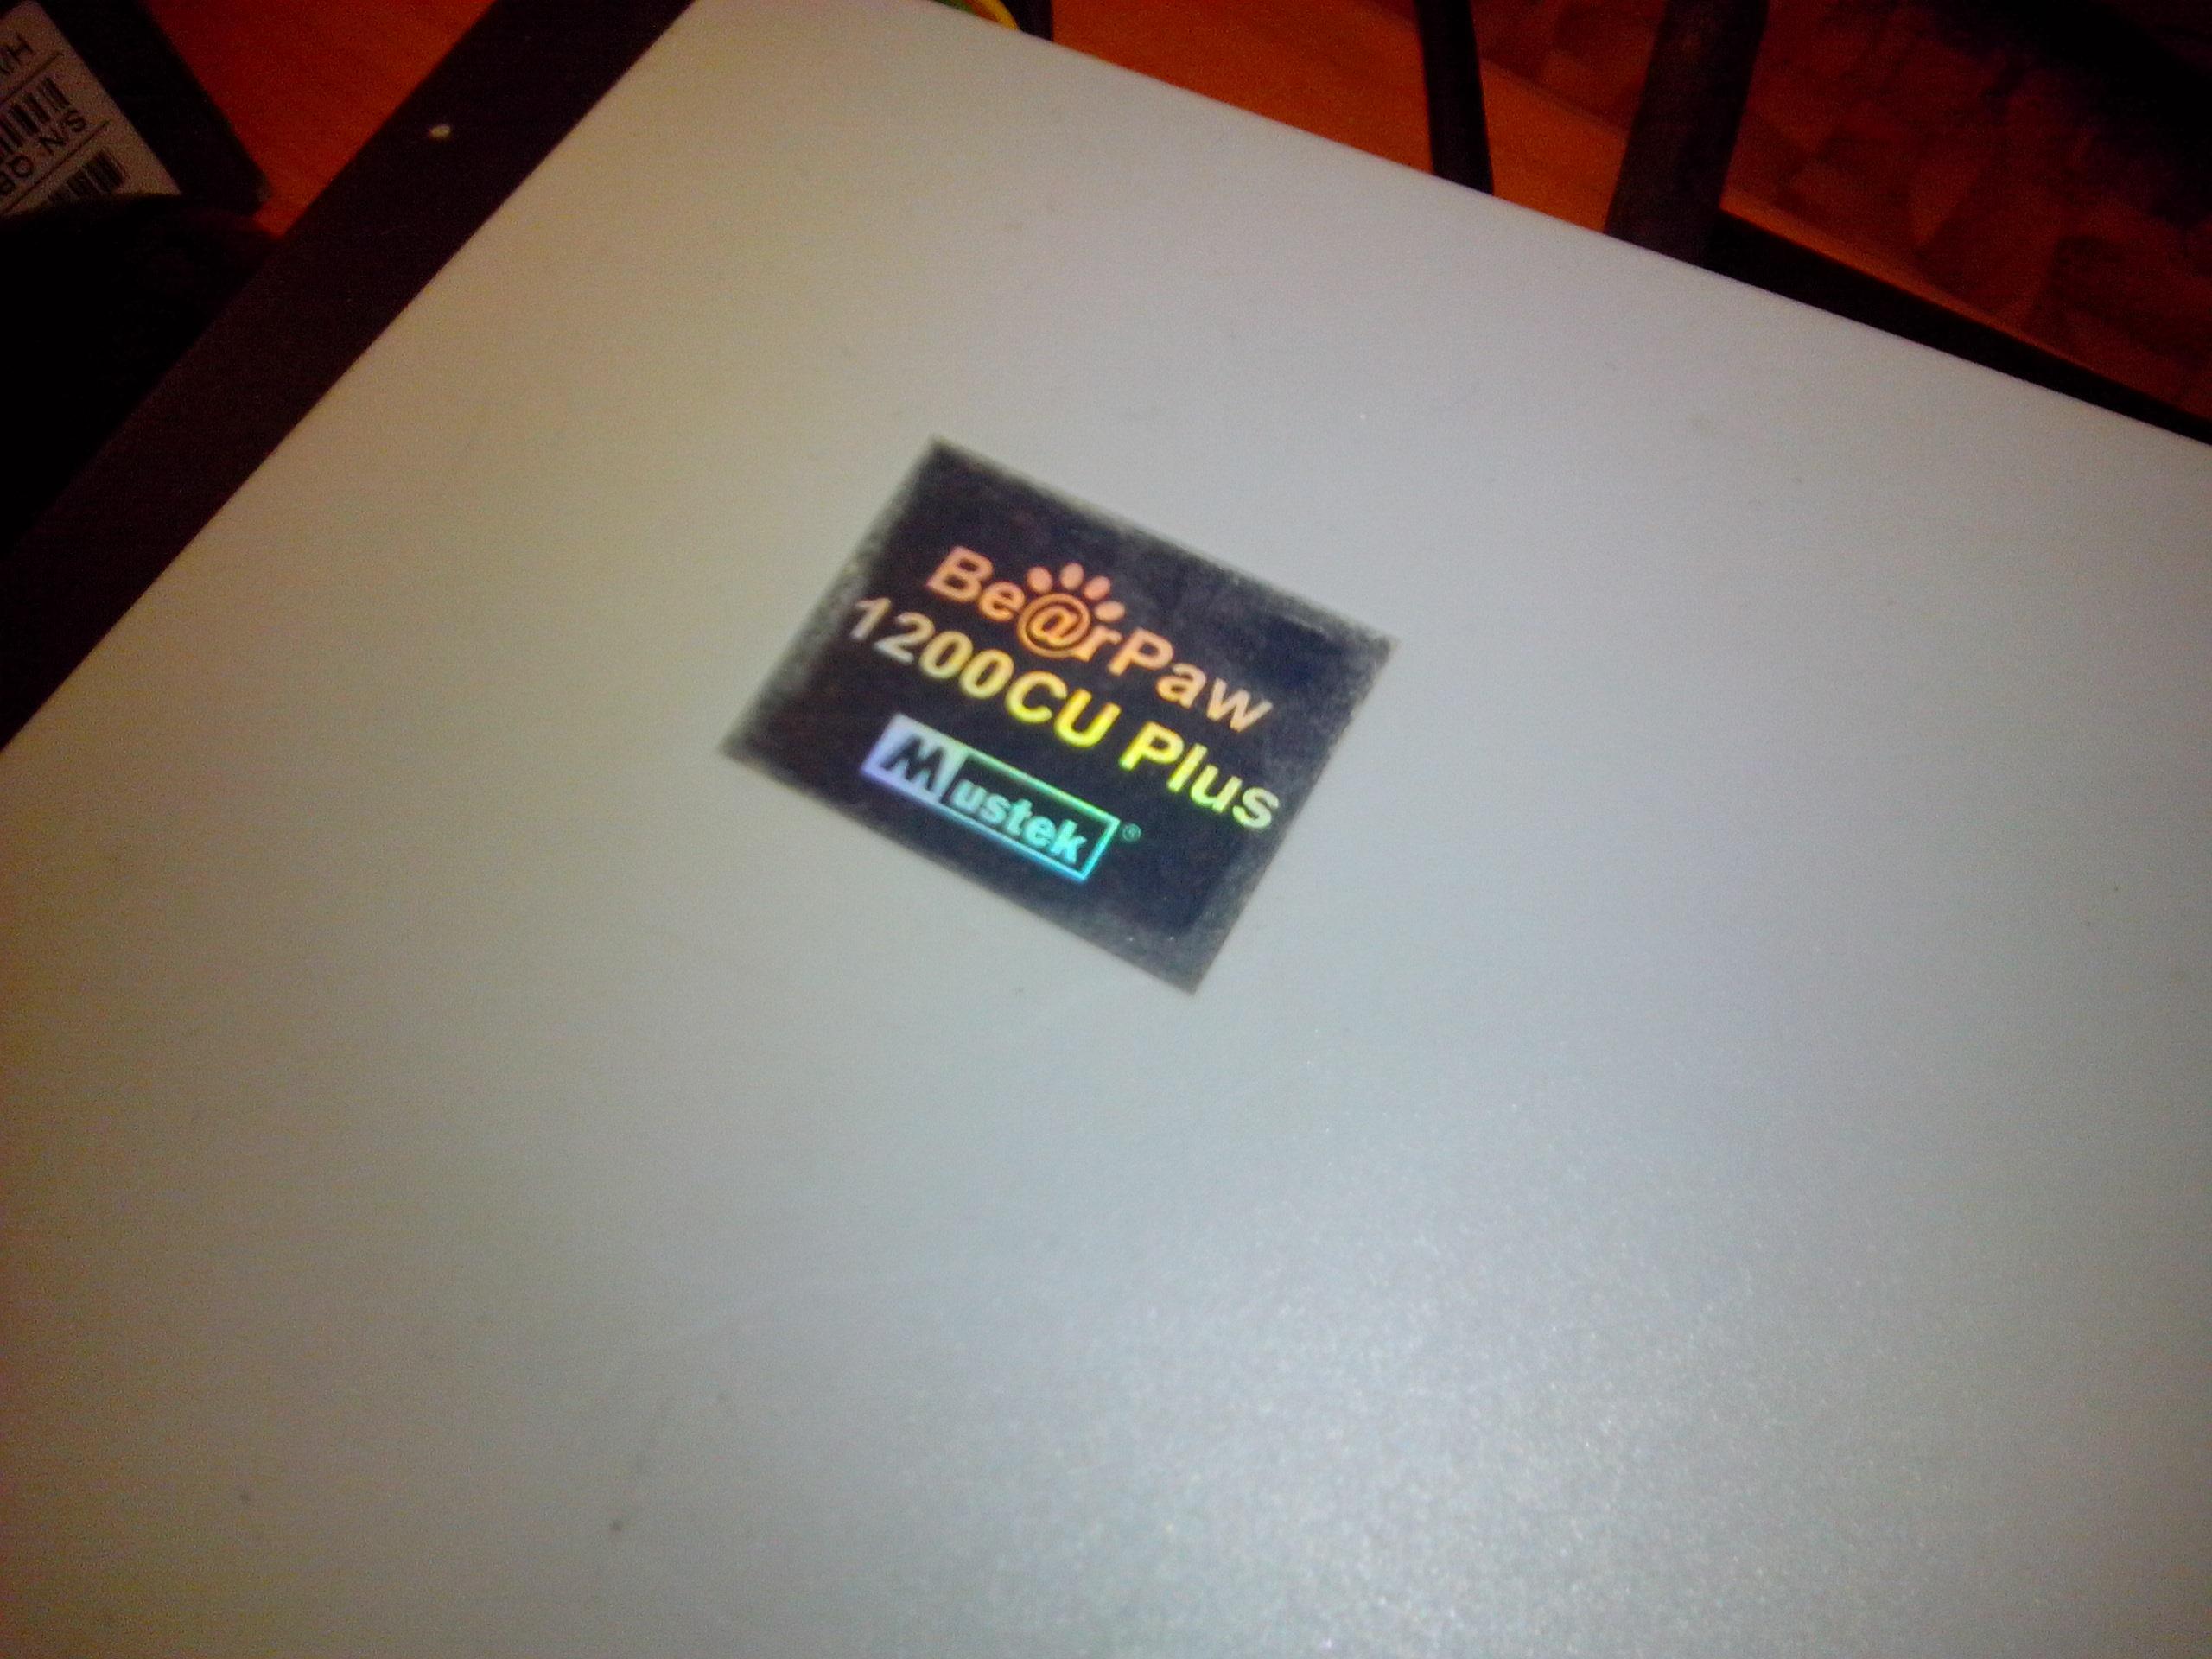 скачать драйвер flatbed scanner bearpaw 1200cu для windows 7